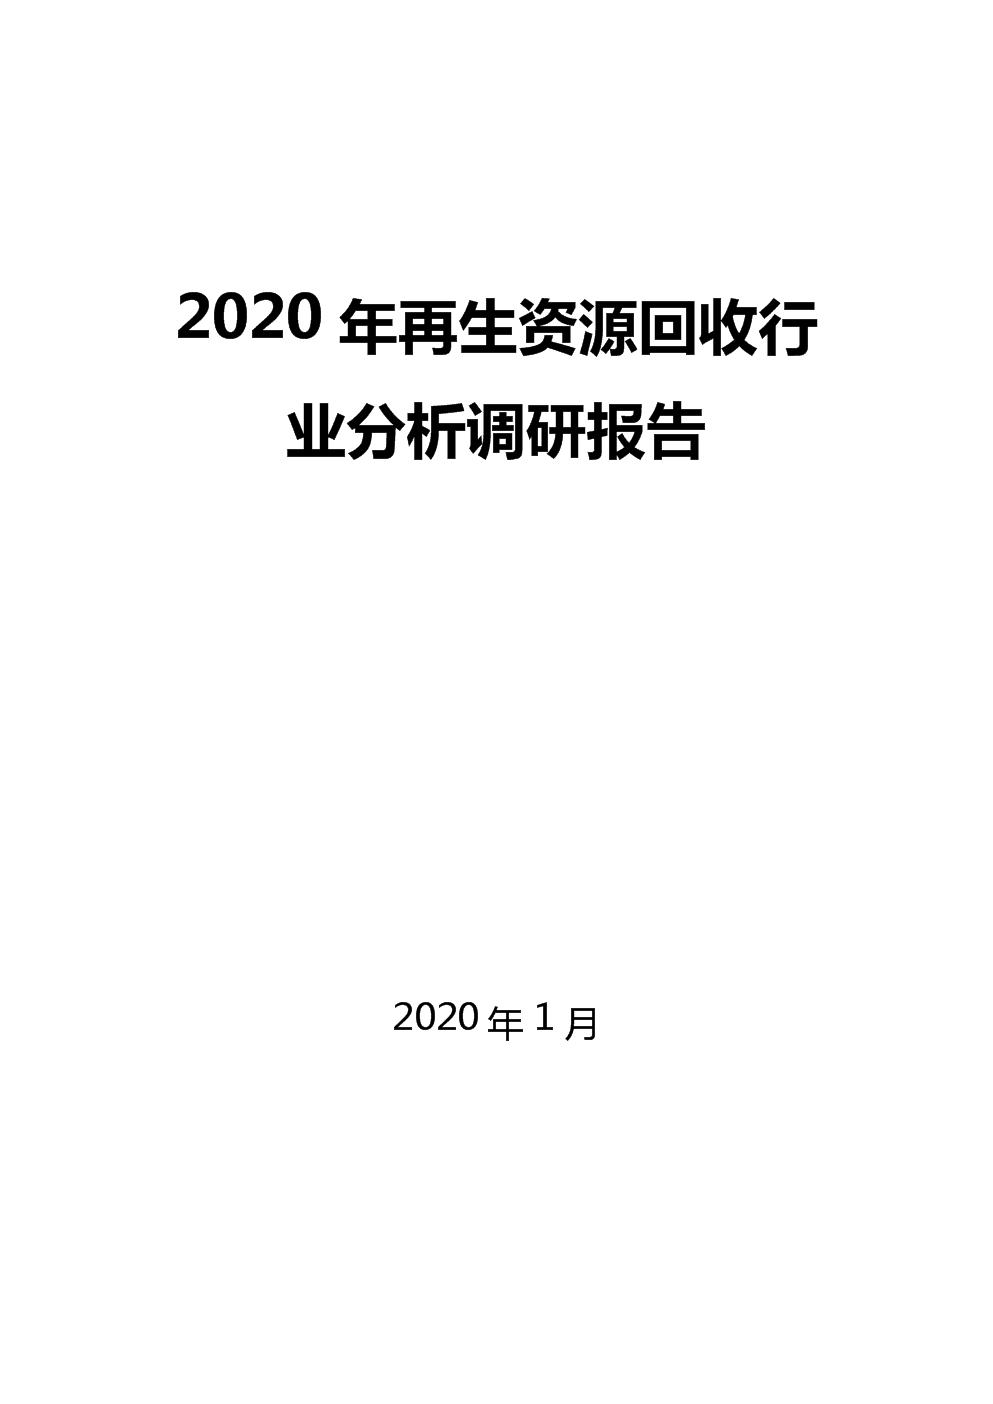 2020再生资源回收行业分析调研.docx